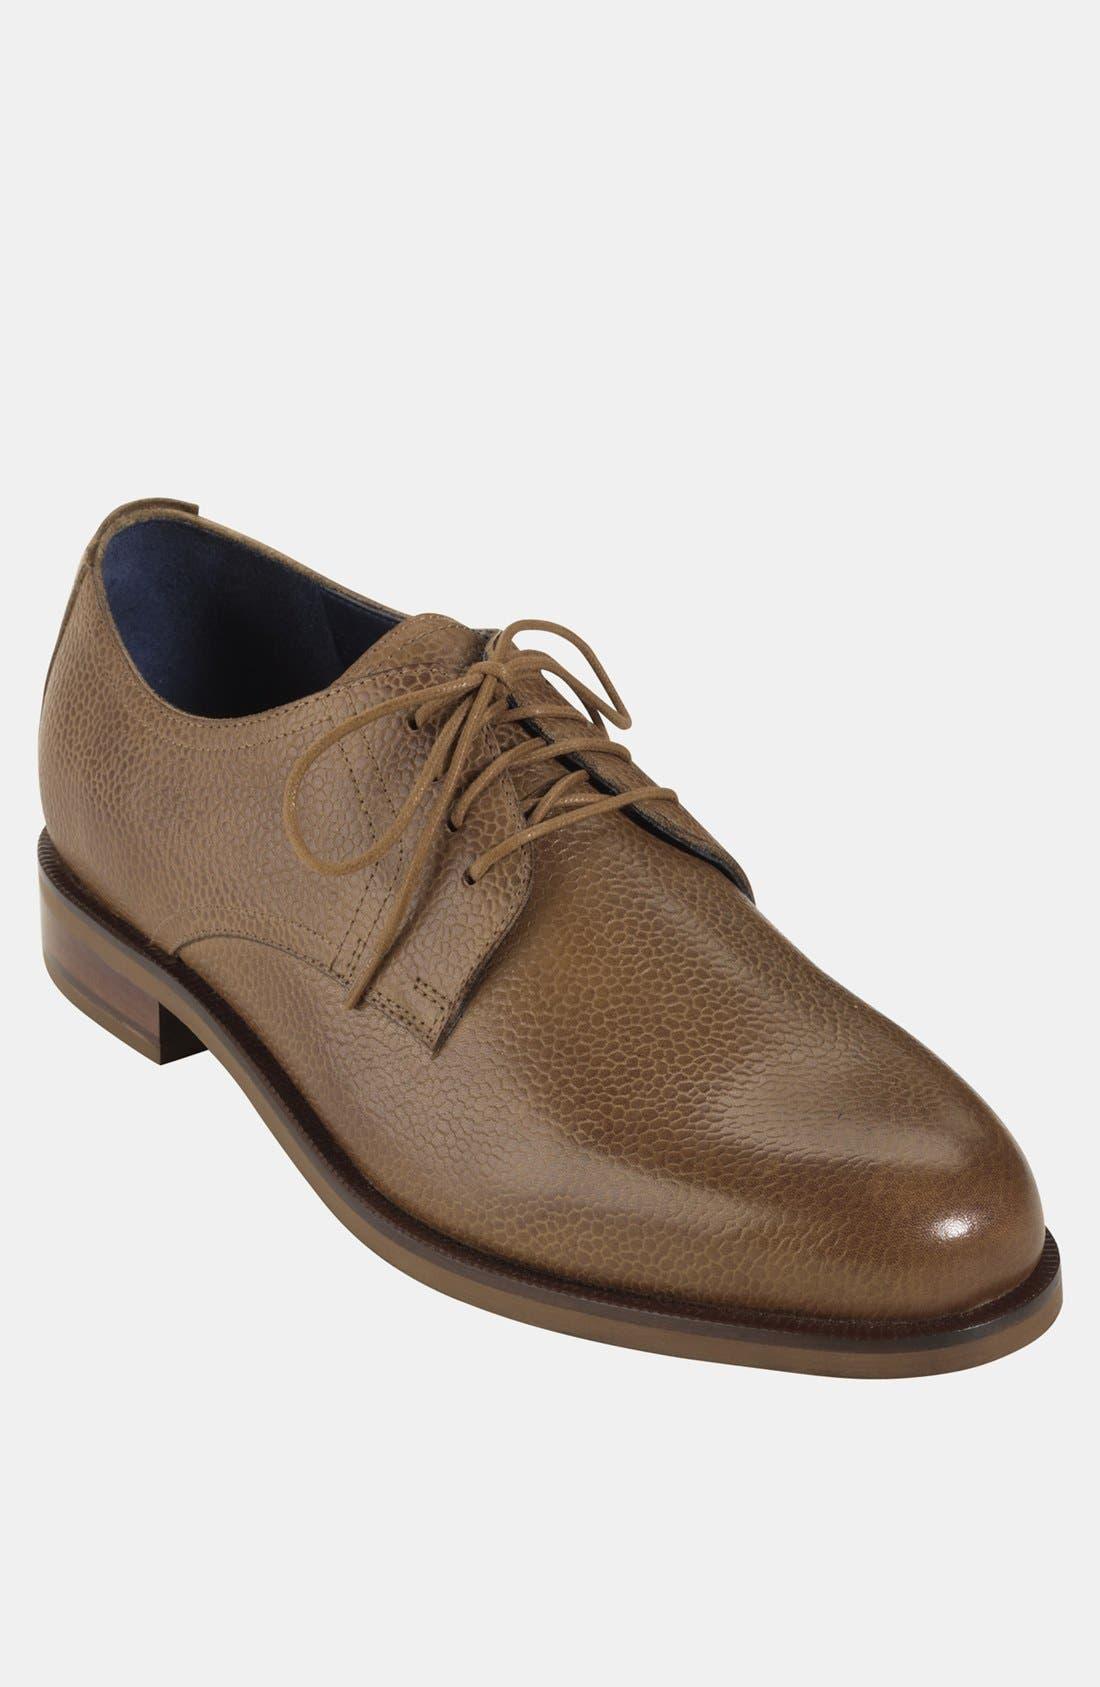 Main Image - Cole Haan 'Carter' Buck Shoe